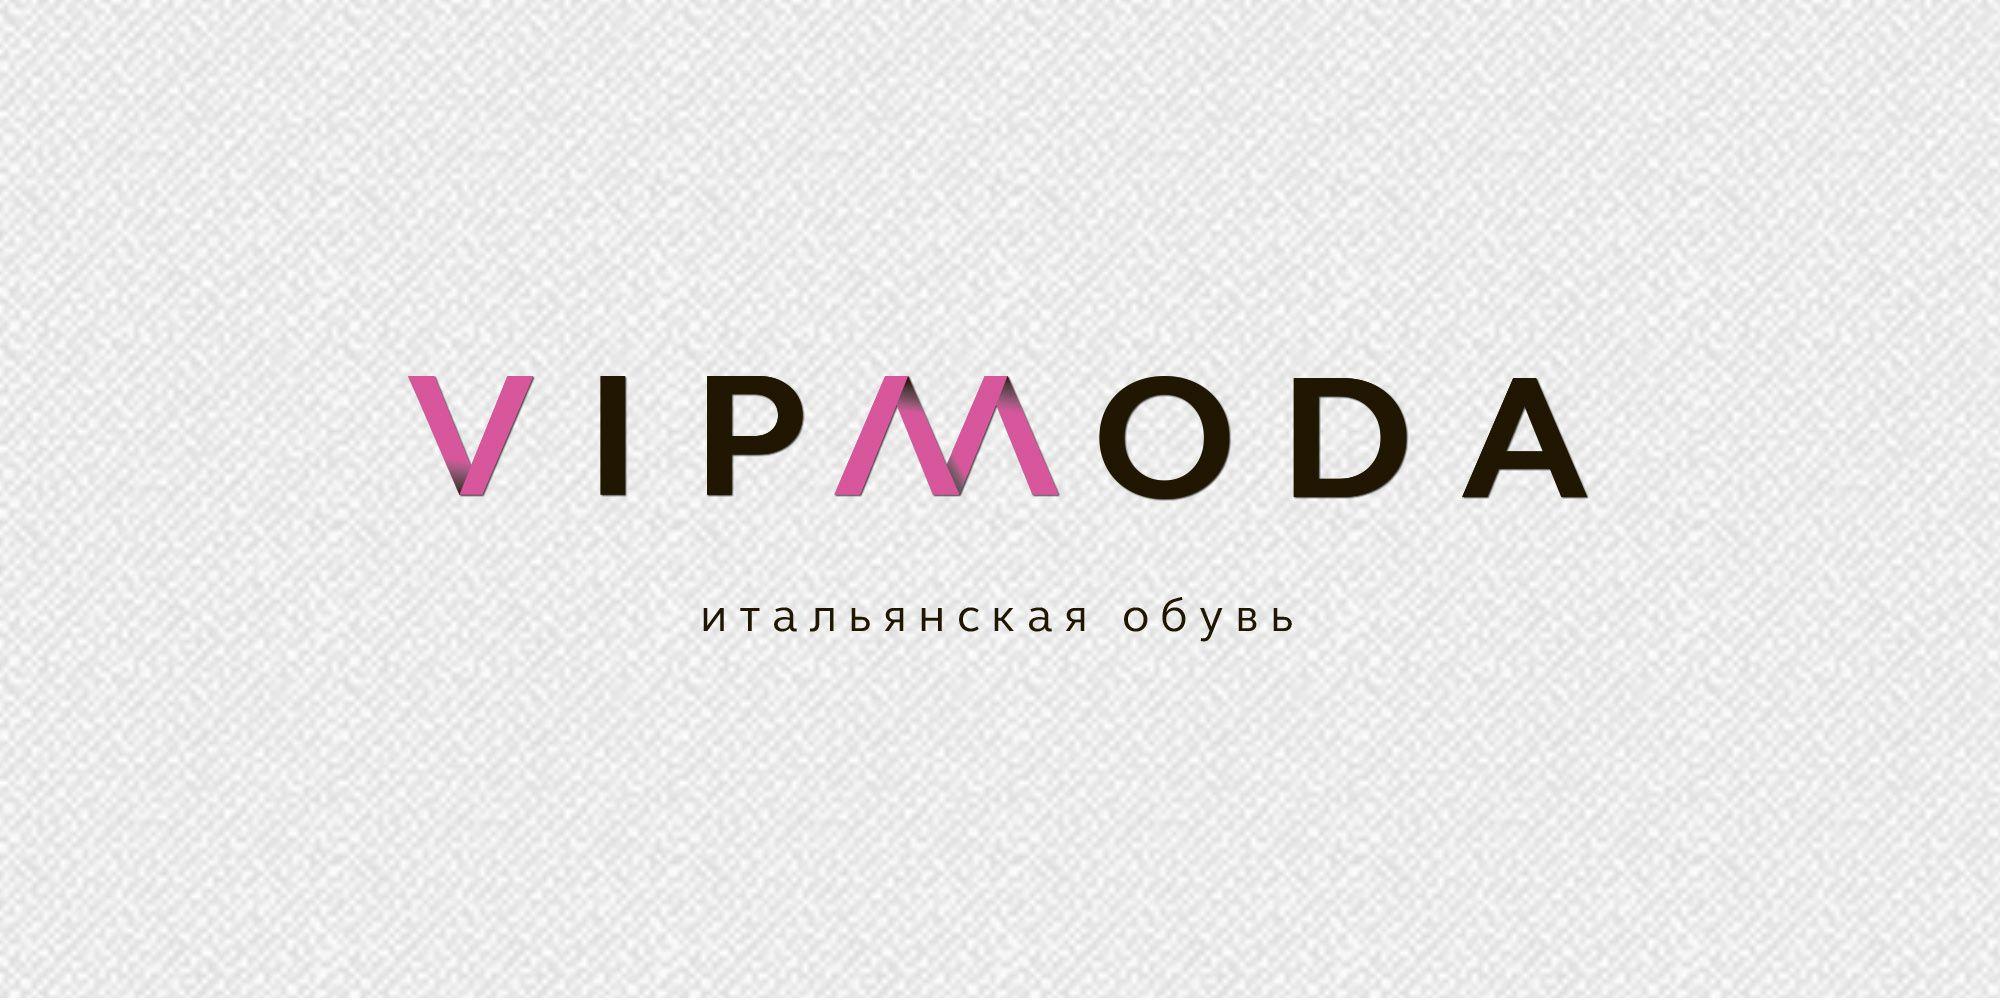 Лого и фирменный стиль компании ВИПМОДА  - дизайнер sidor